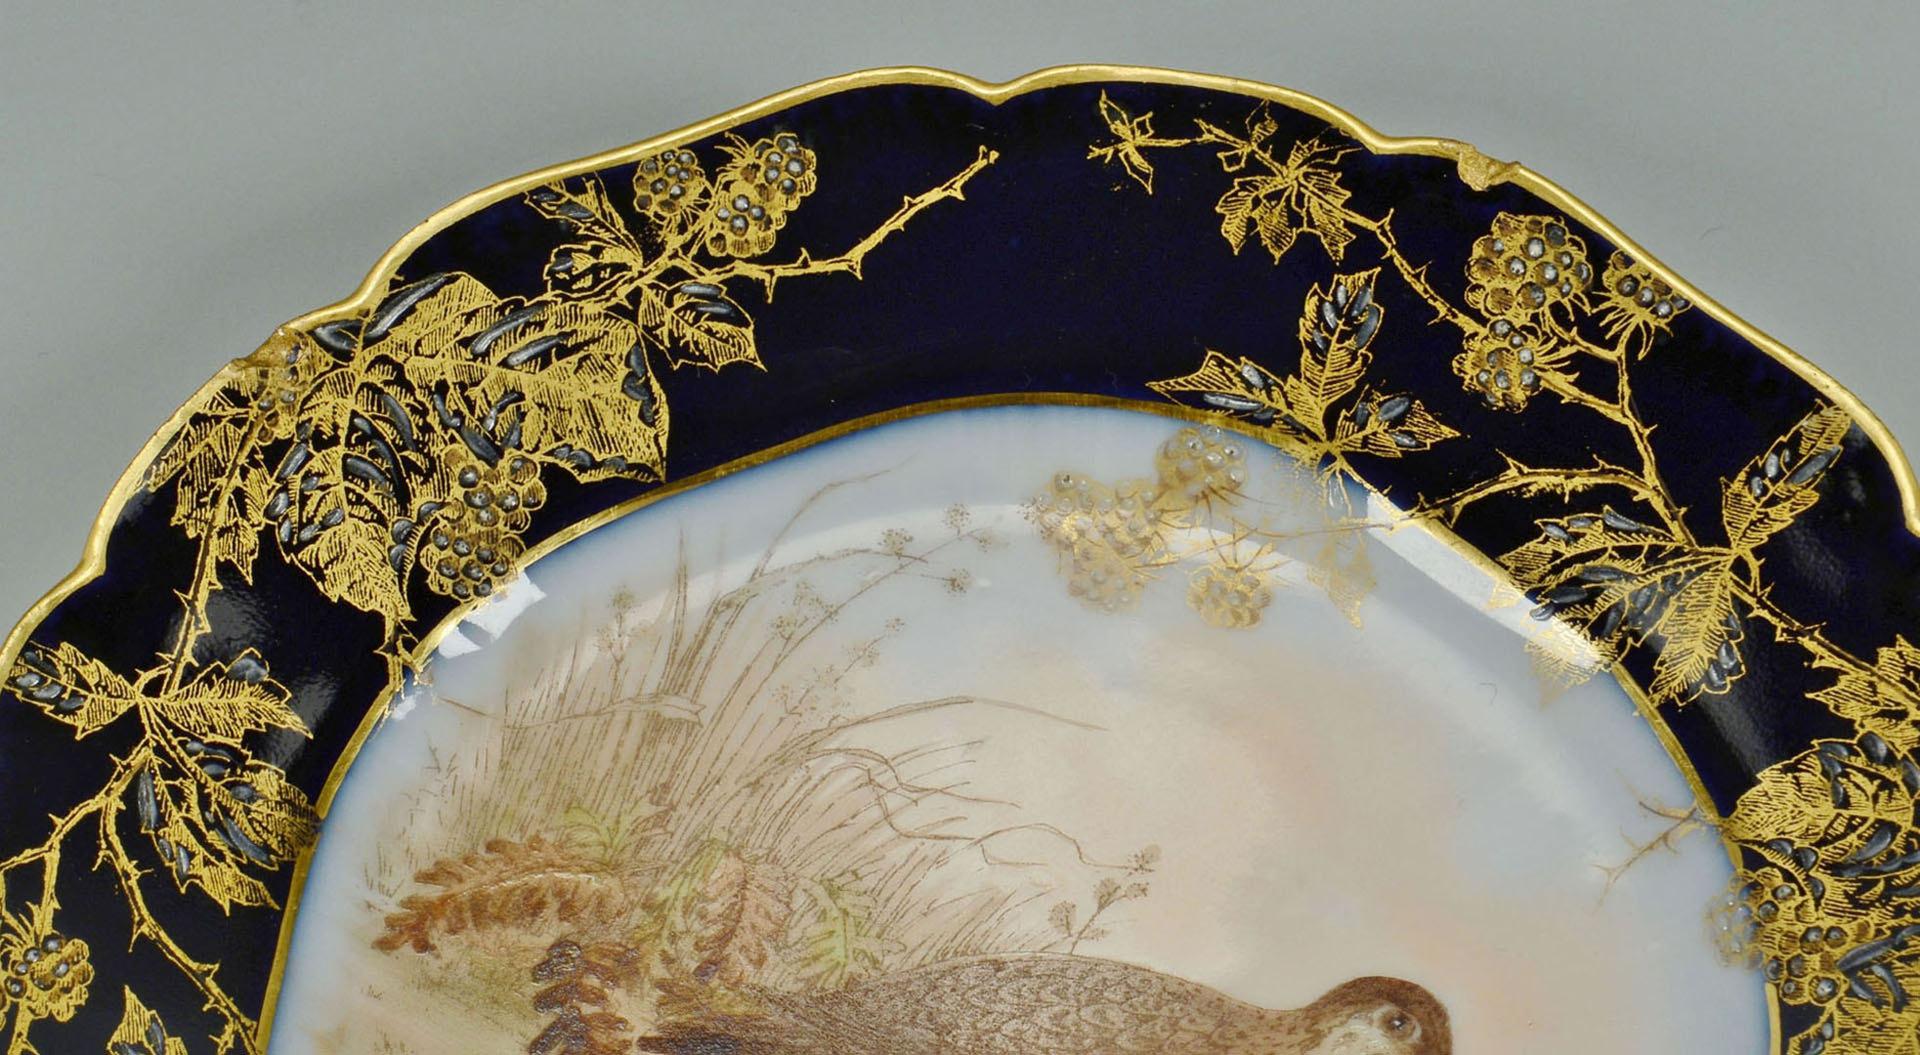 Lot 564: Haviland Limoges Porcelain Game Set